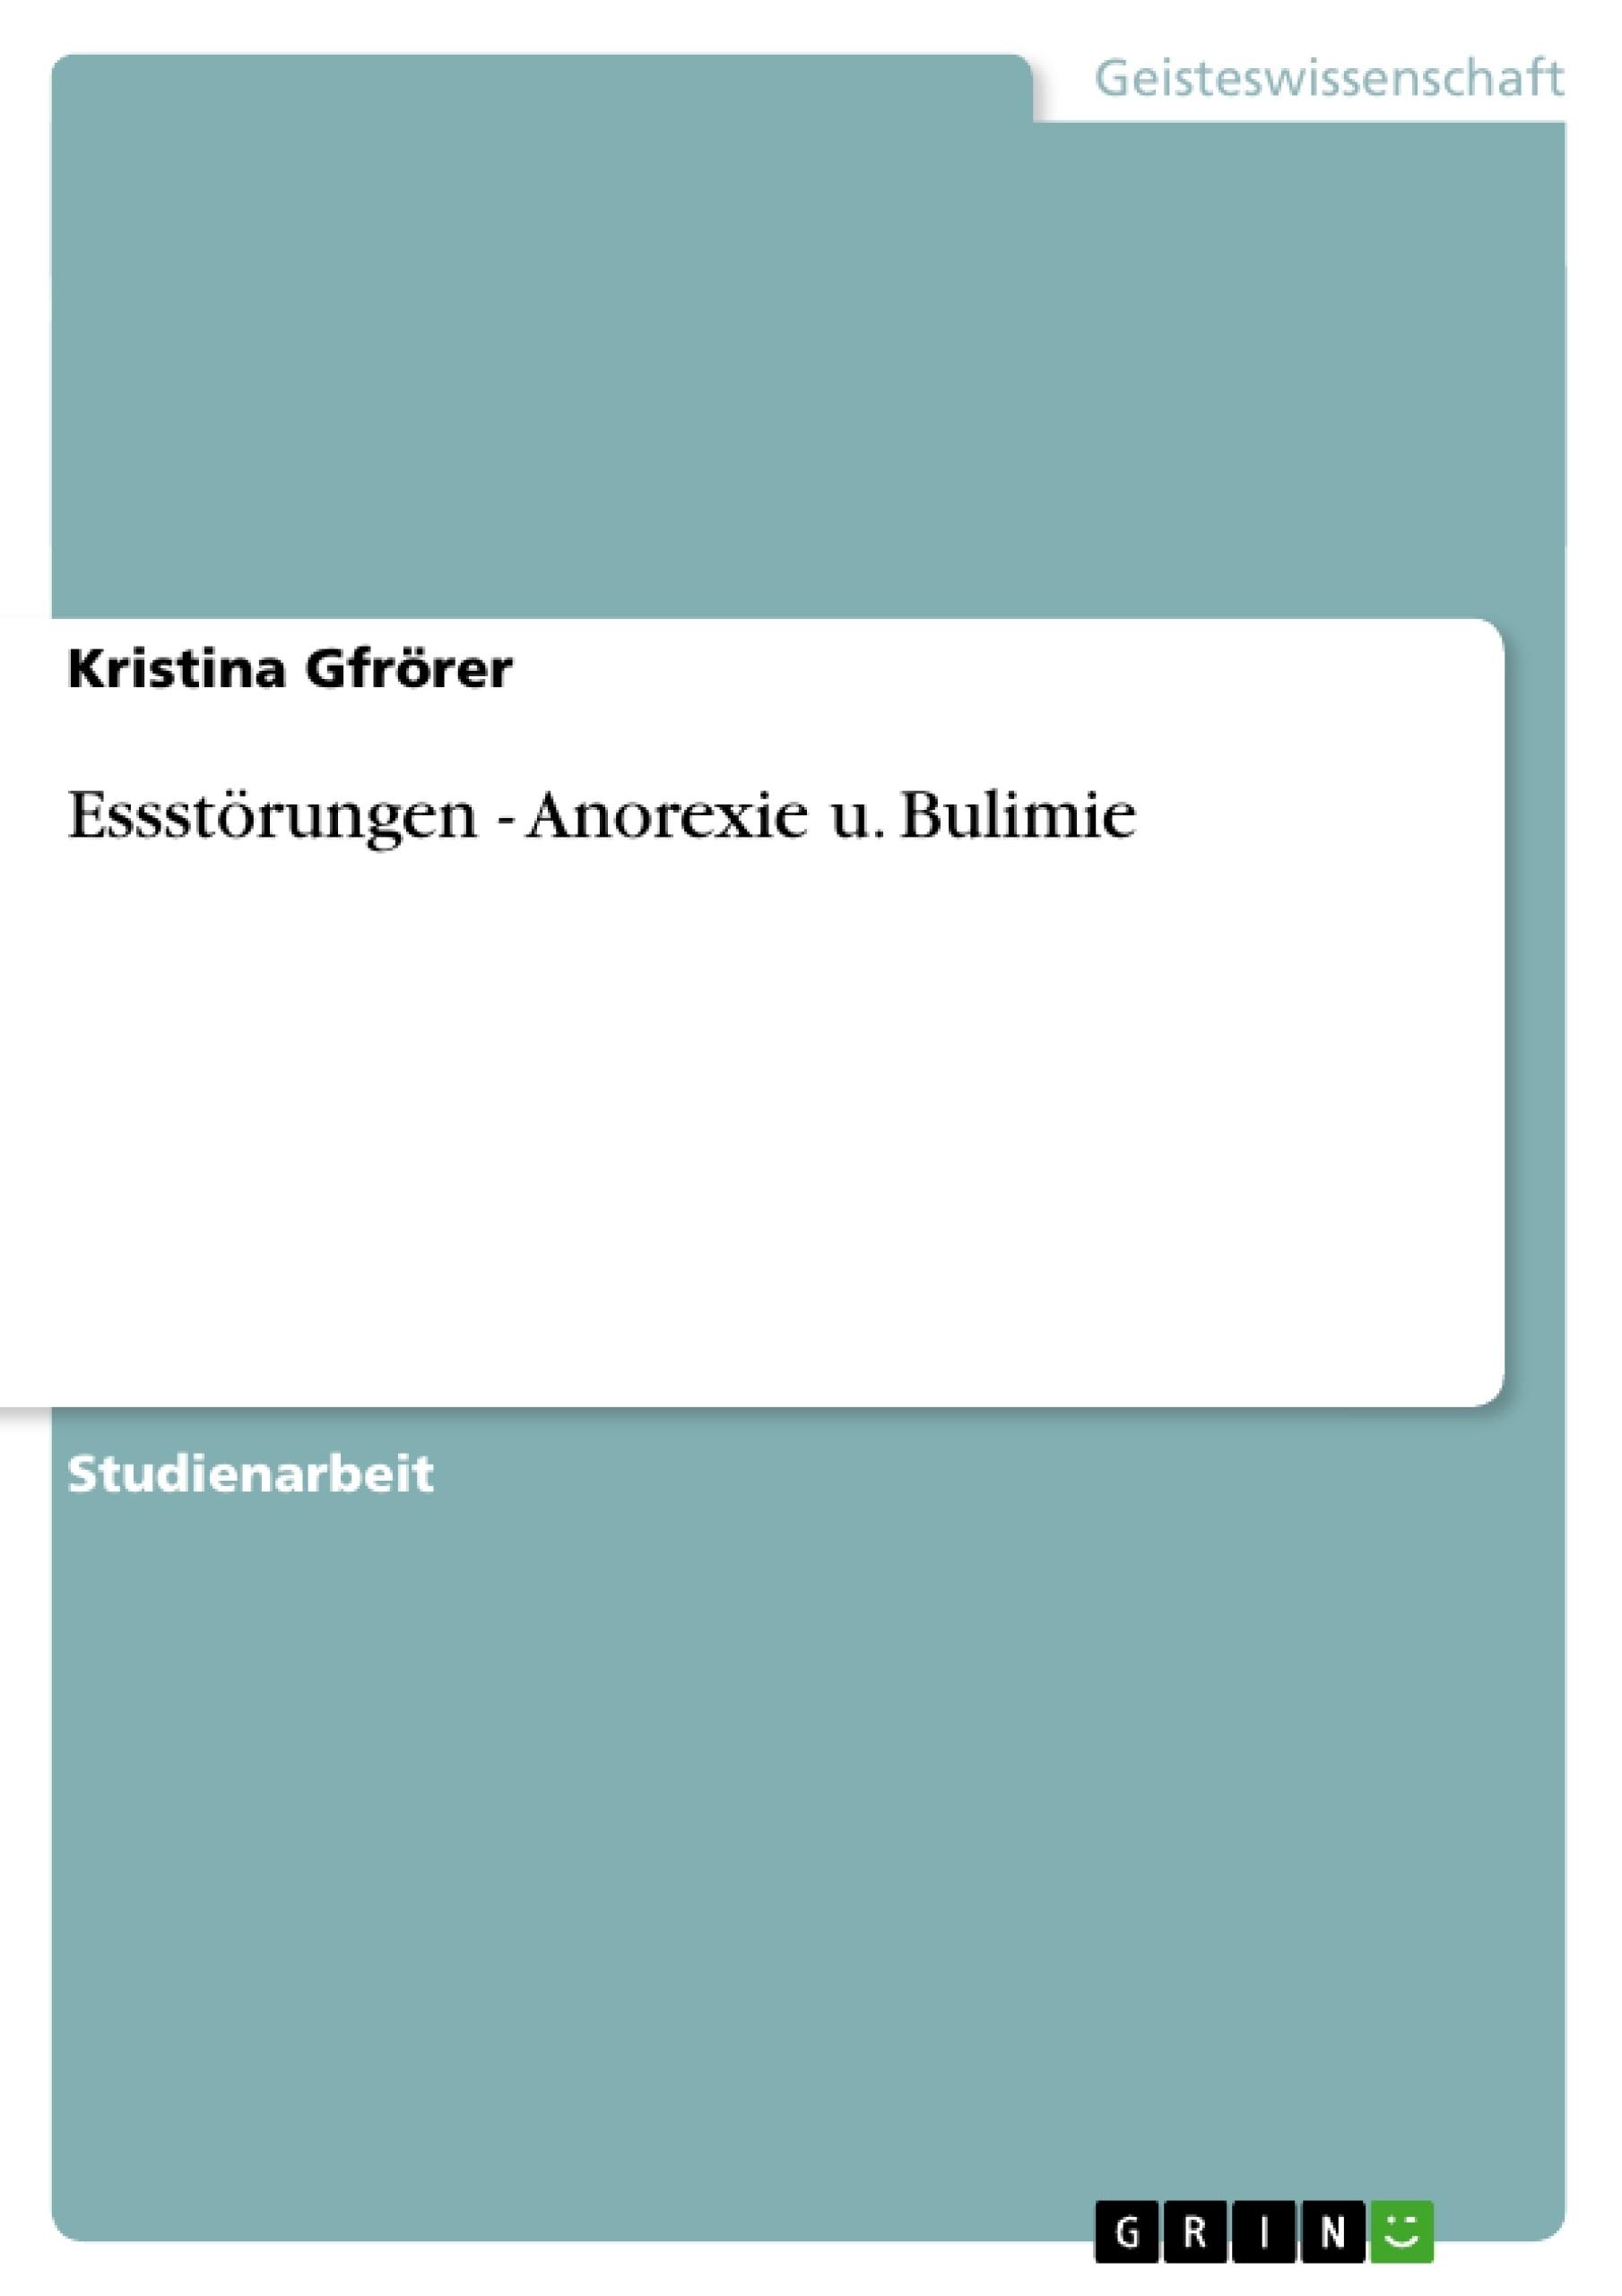 Titel: Essstörungen - Anorexie u. Bulimie